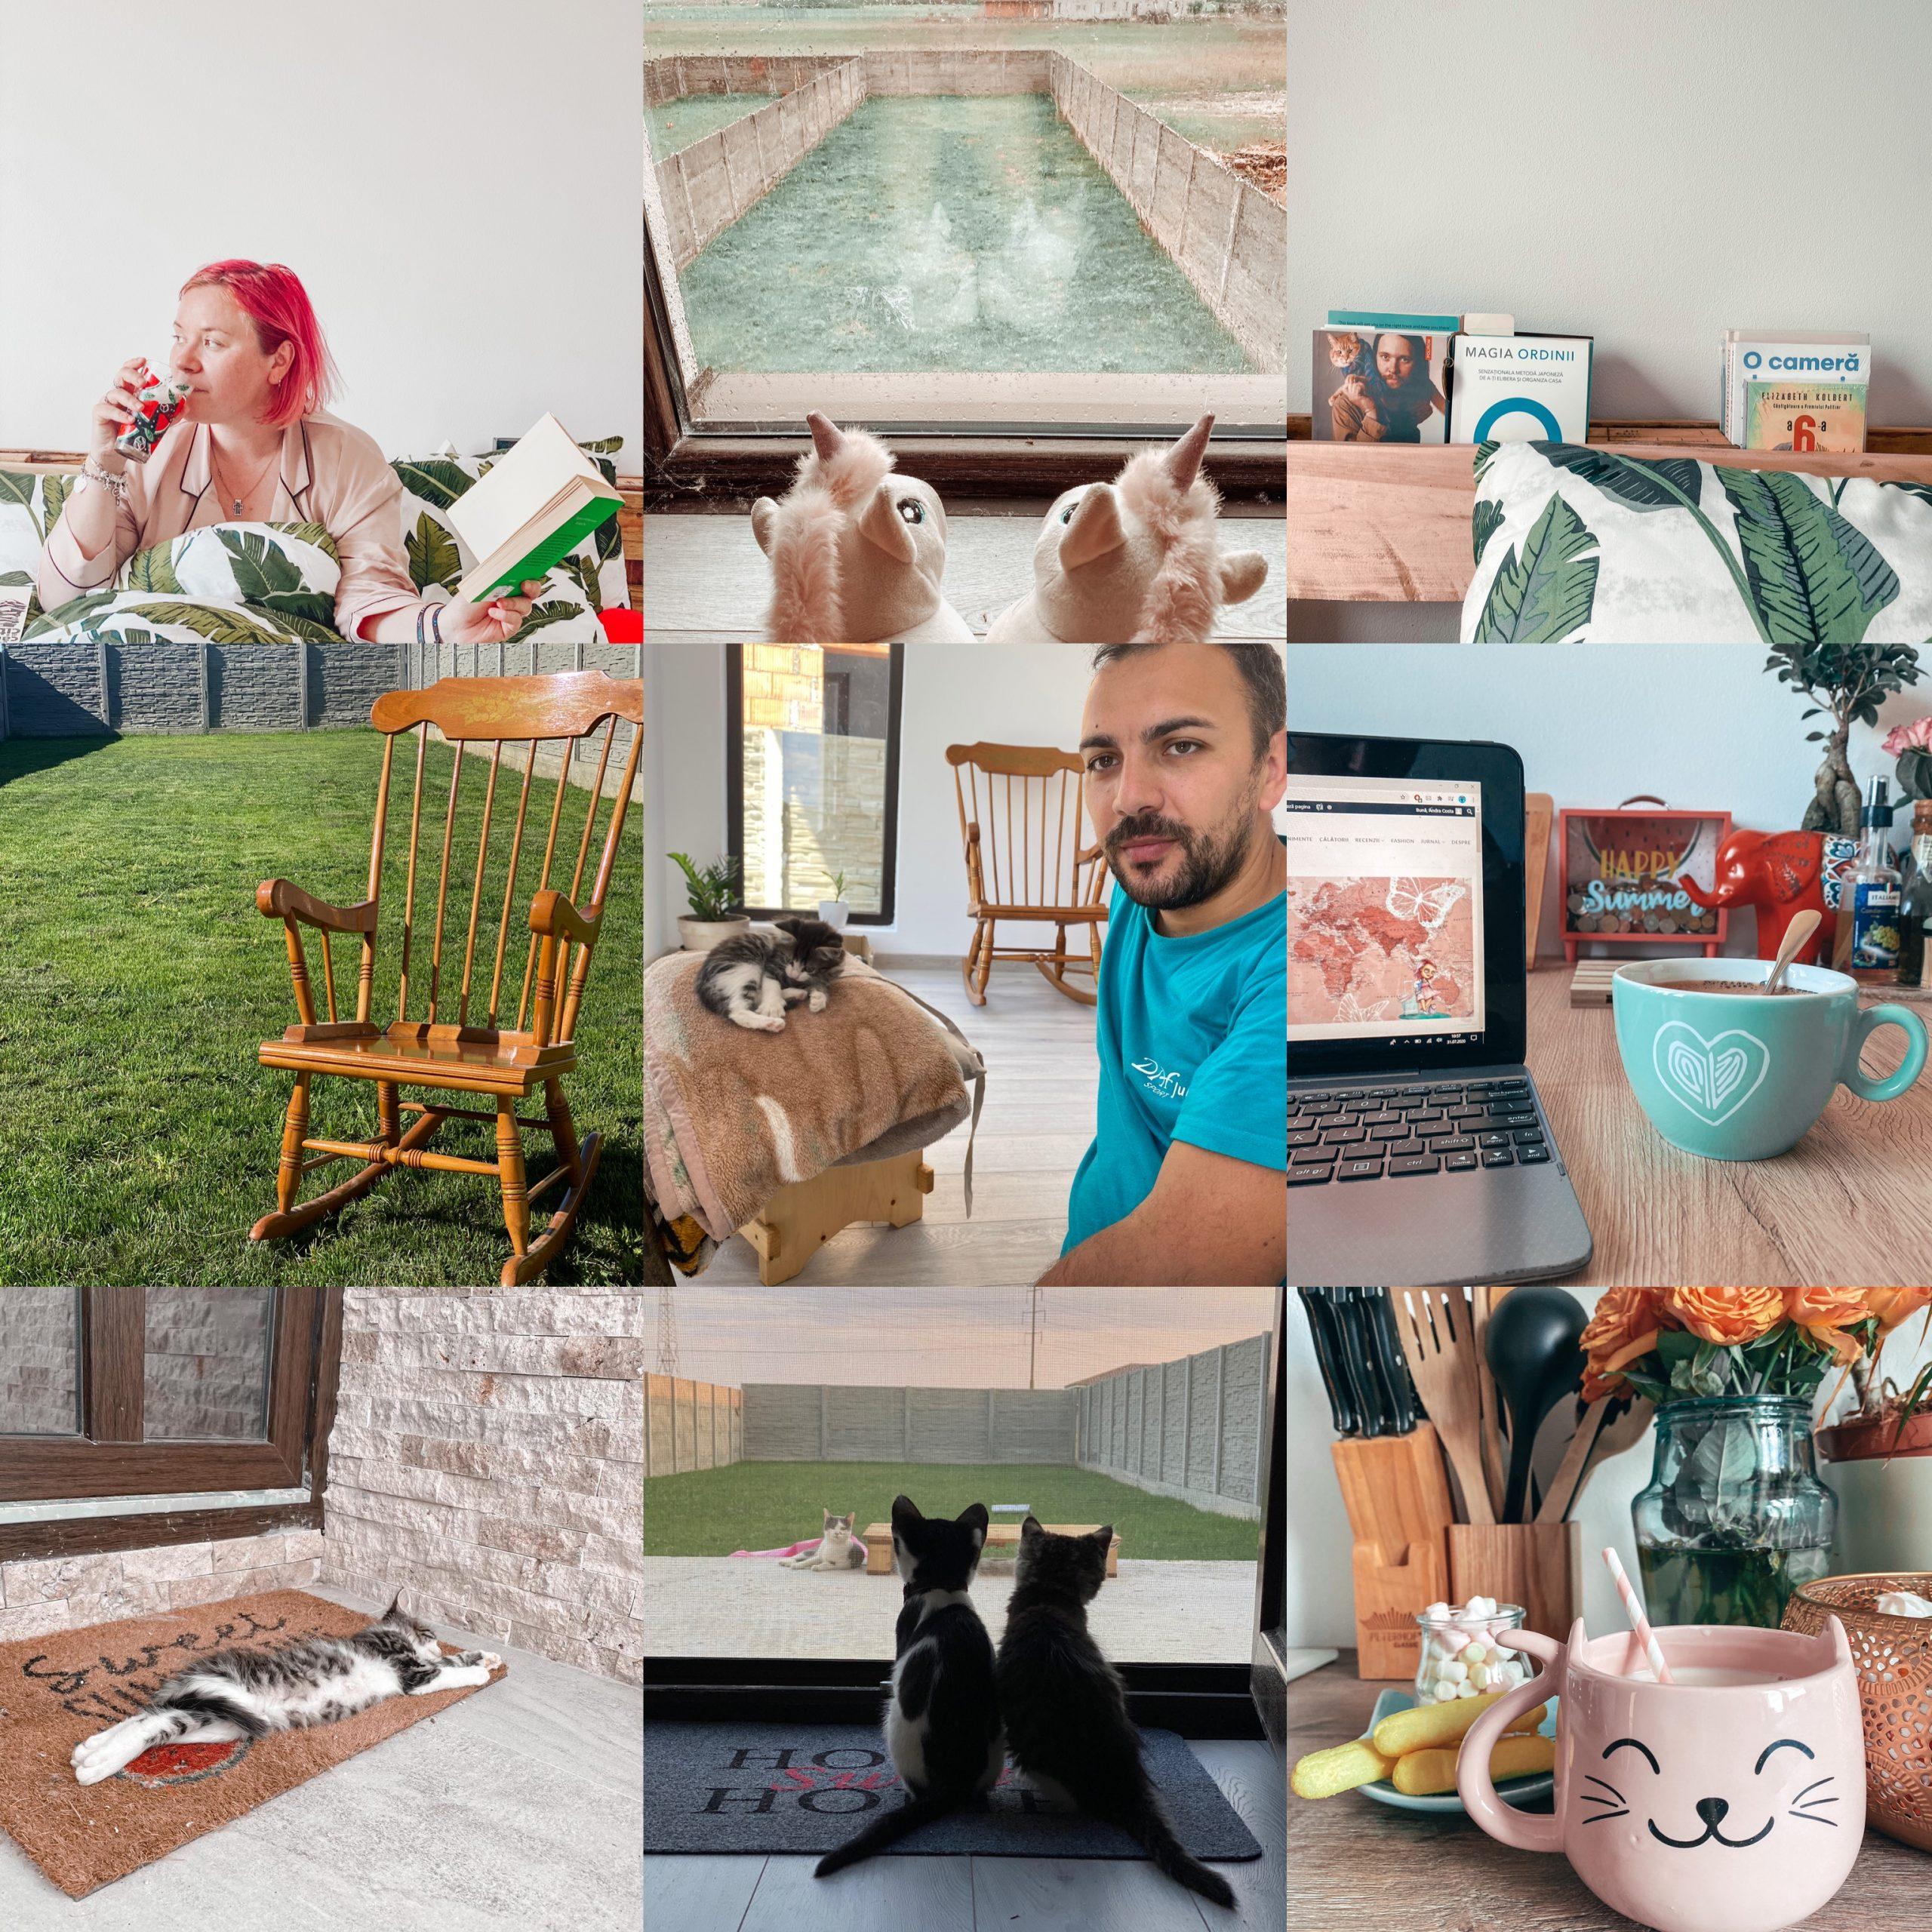 imagini de la noi de-acasă